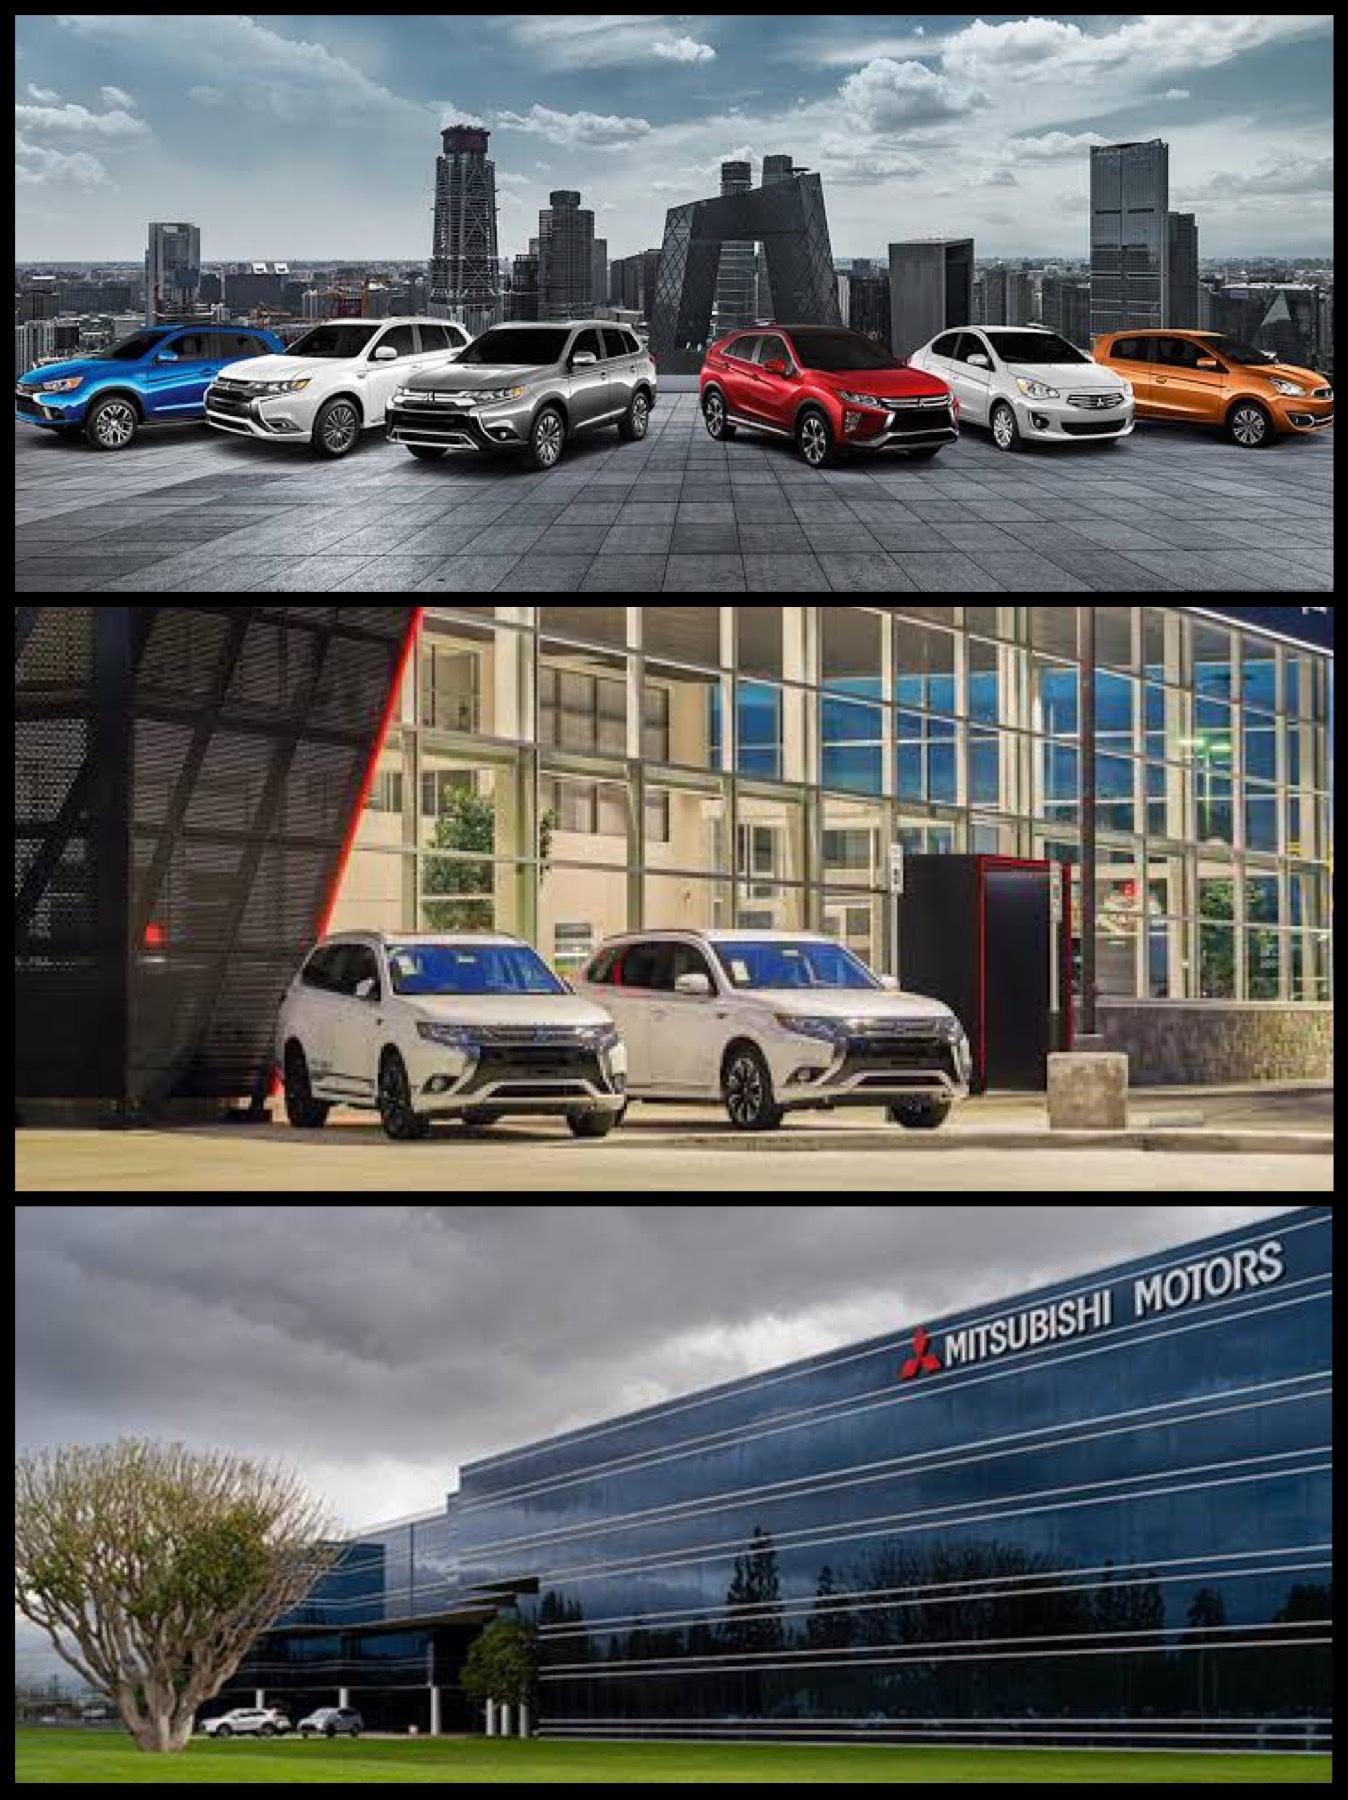 北米三菱自動車 本社移転